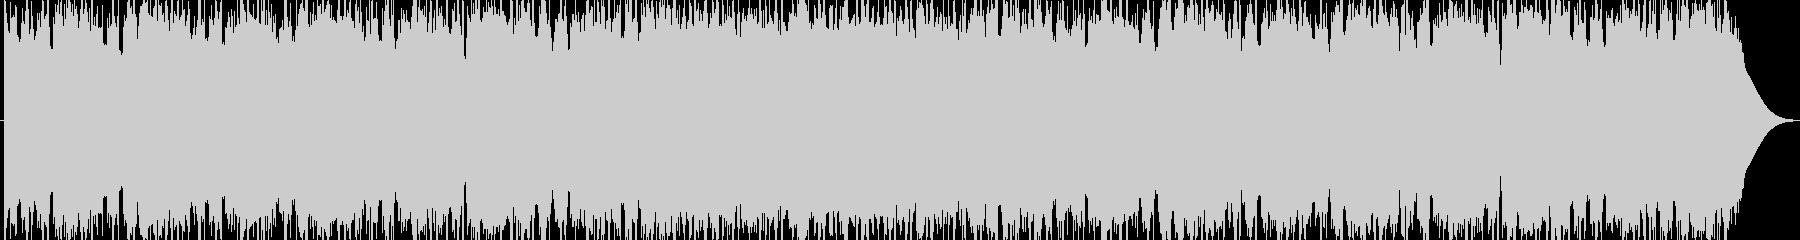 攻撃的な生のエレキギターダンスロックの未再生の波形